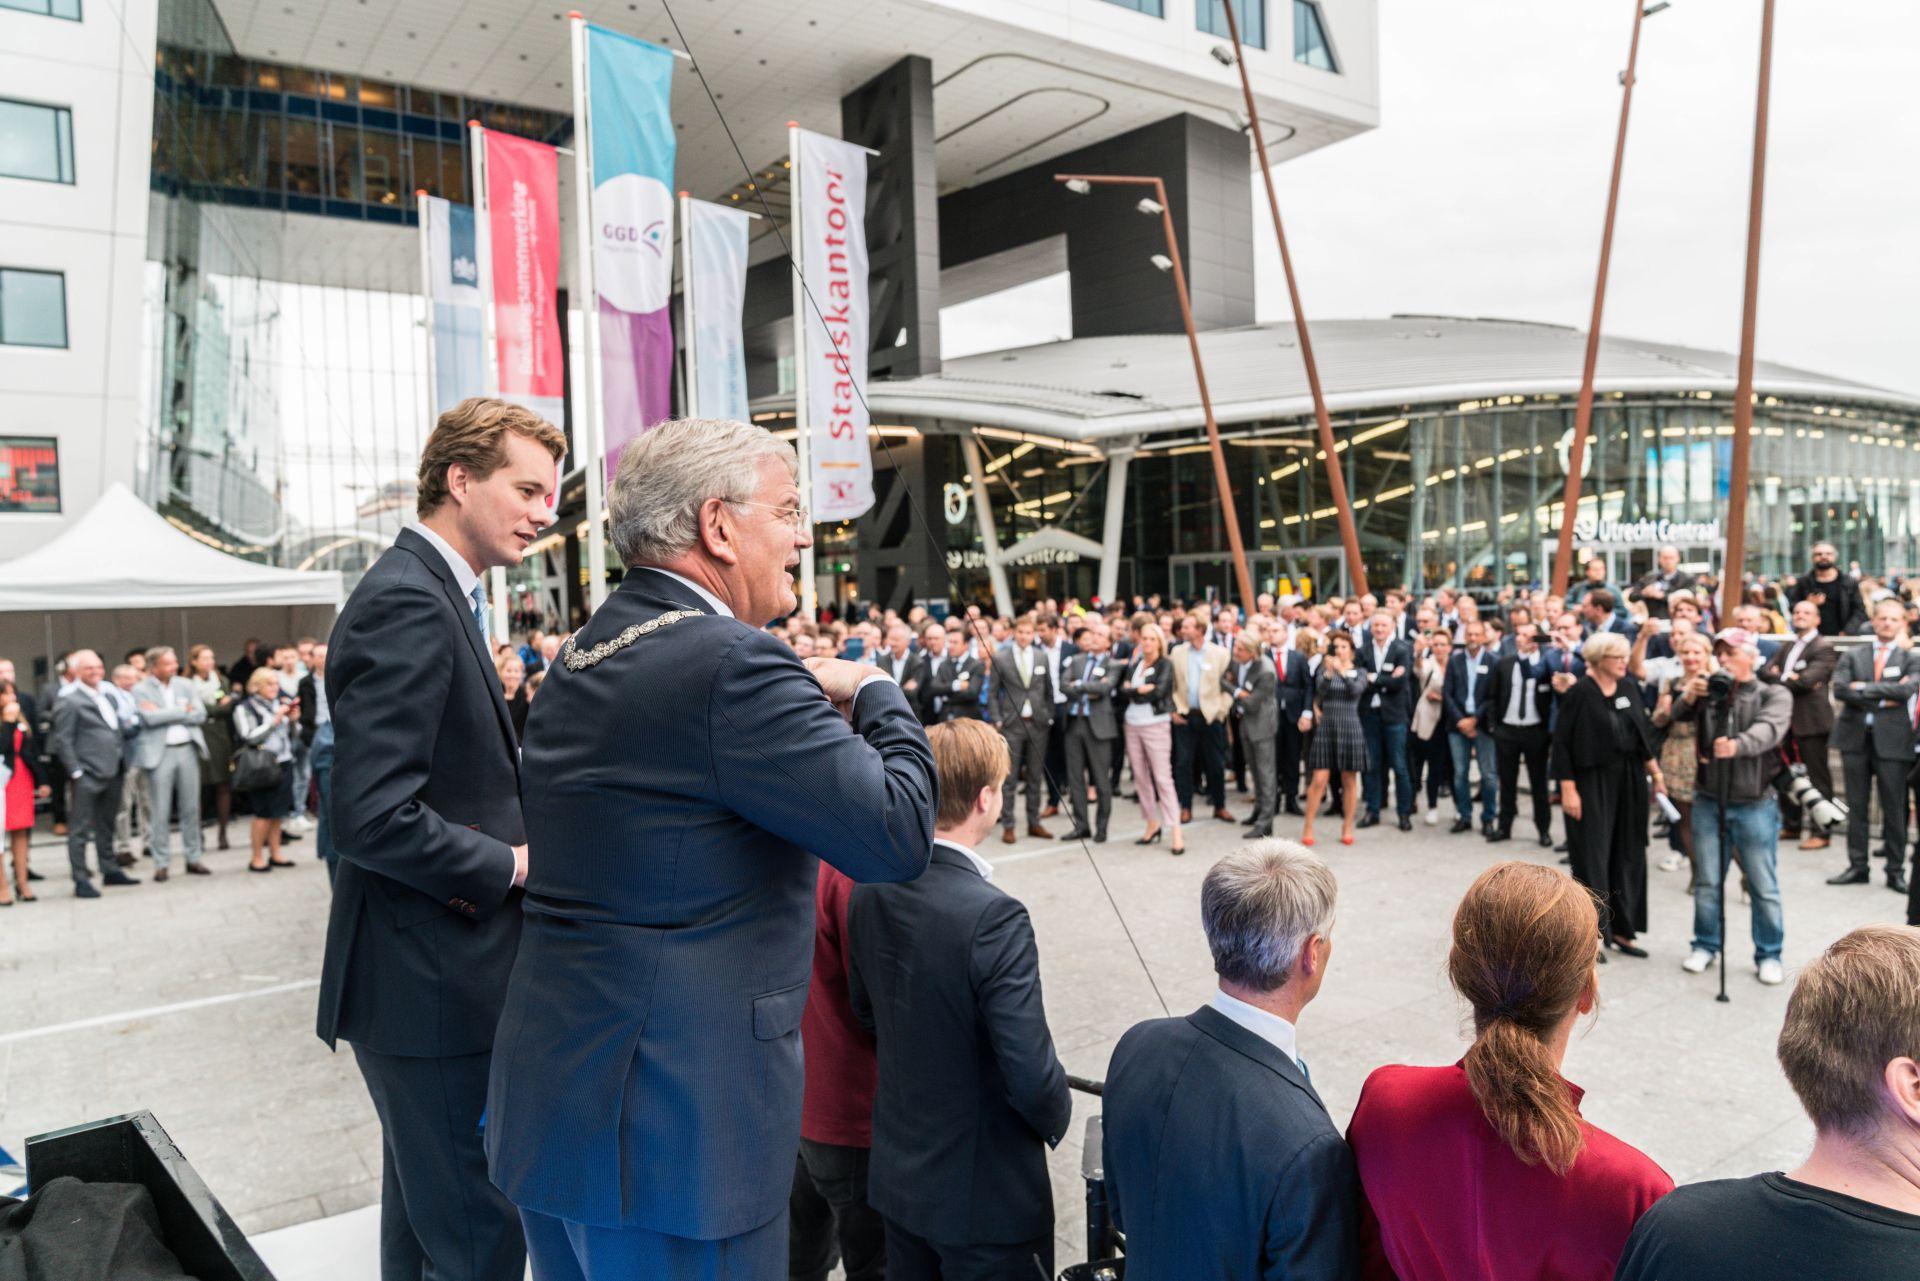 https://www.wtcutrecht.nl/wp-content/uploads/2021/08/Opening_WTC_Utrecht_1.jpeg